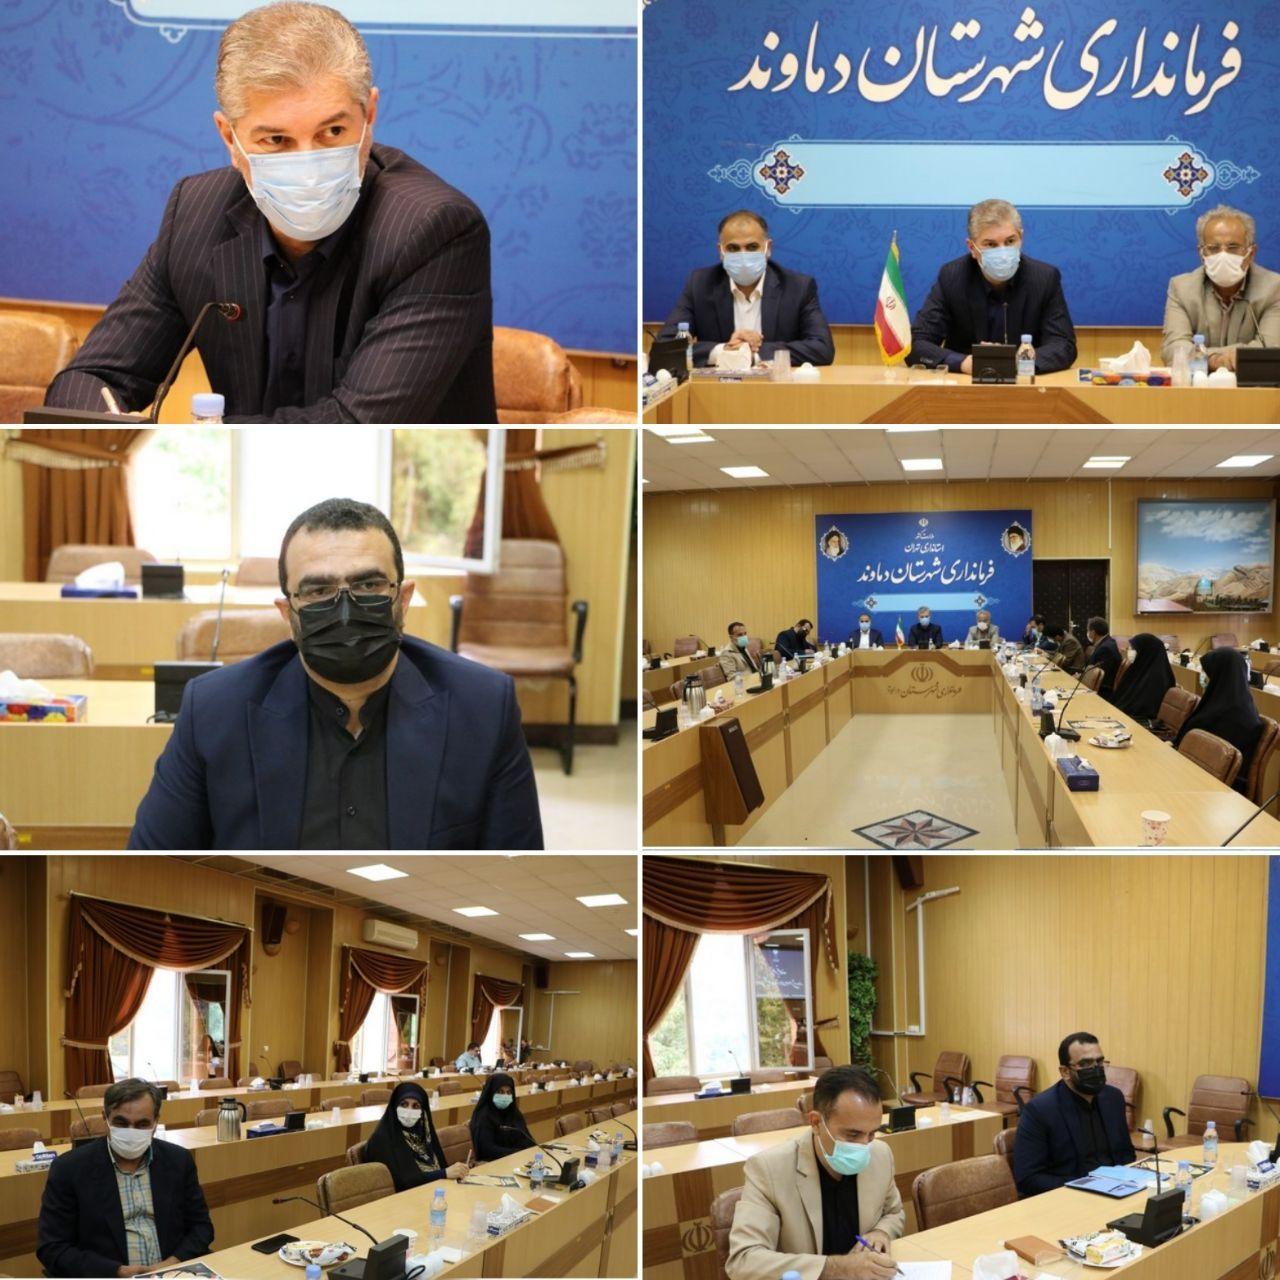 برگزاری آیین تحلیف اعضای ششمین دوره شورای اسلامی شهر دماوند